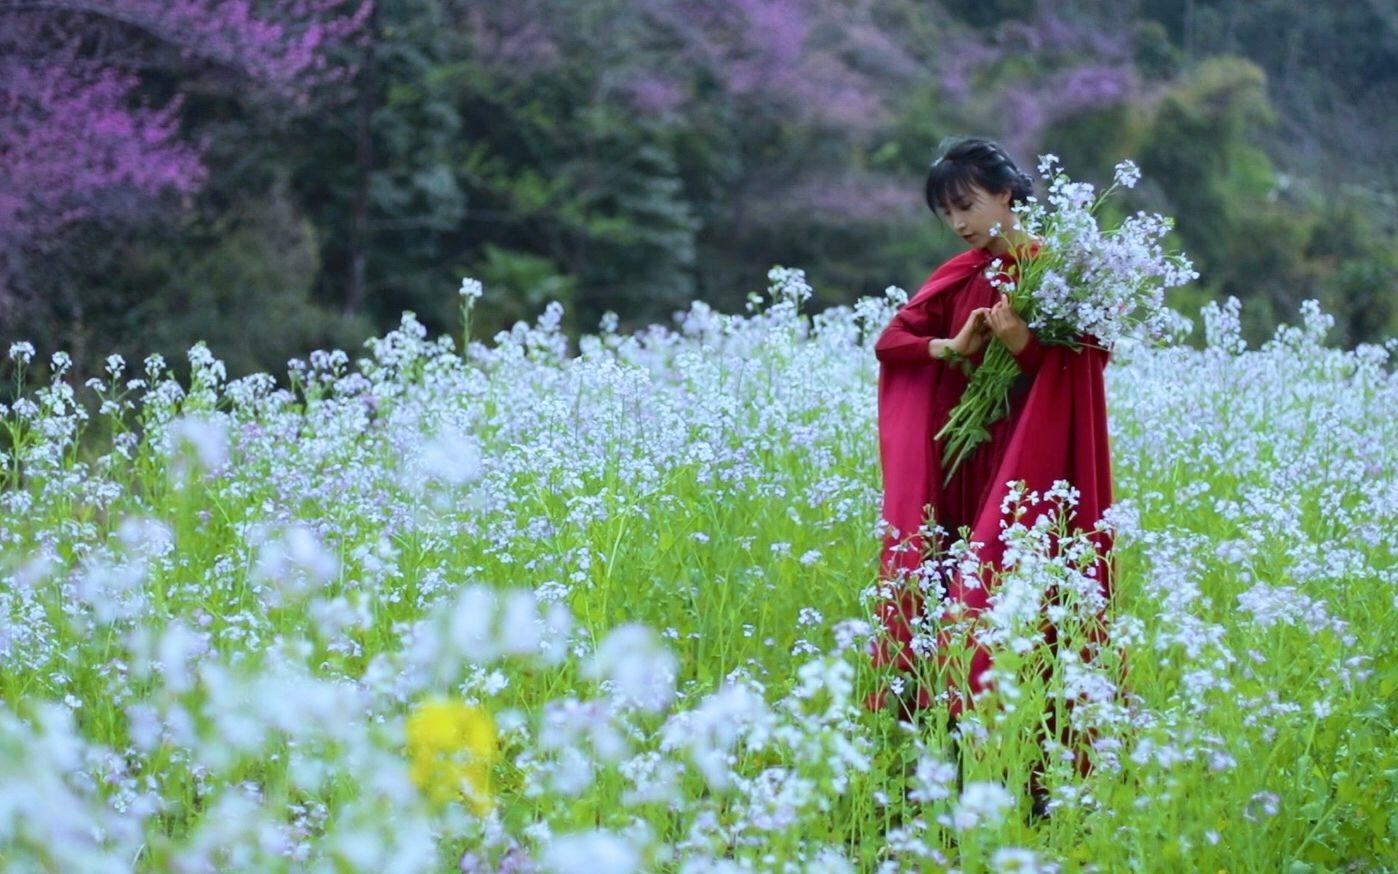 【桃花节】骑马踏青,取花为食,才不辜负春日好时节——上巳节